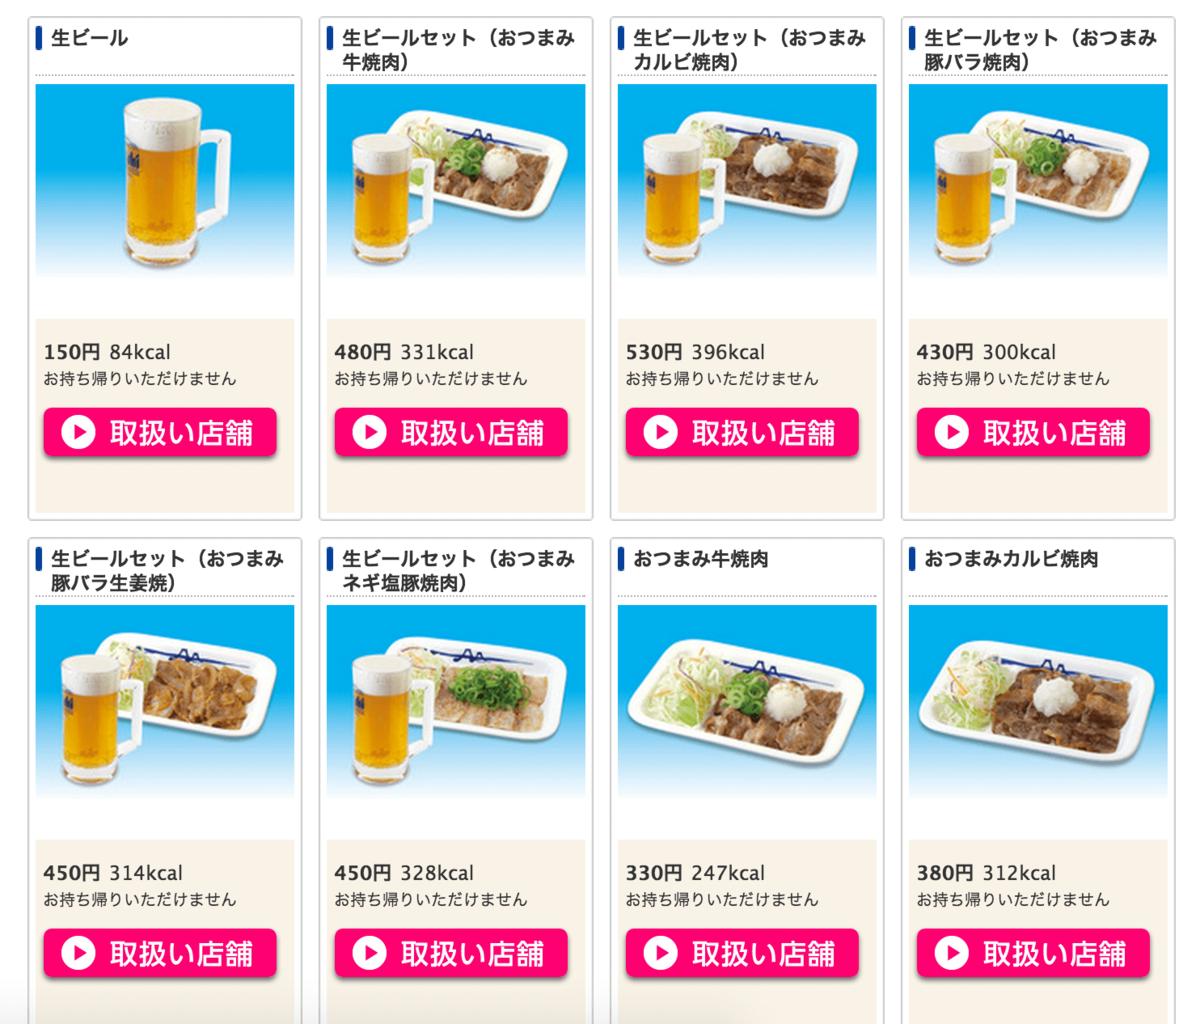 生ビール・おつまみ|メニュー|松屋フーズ